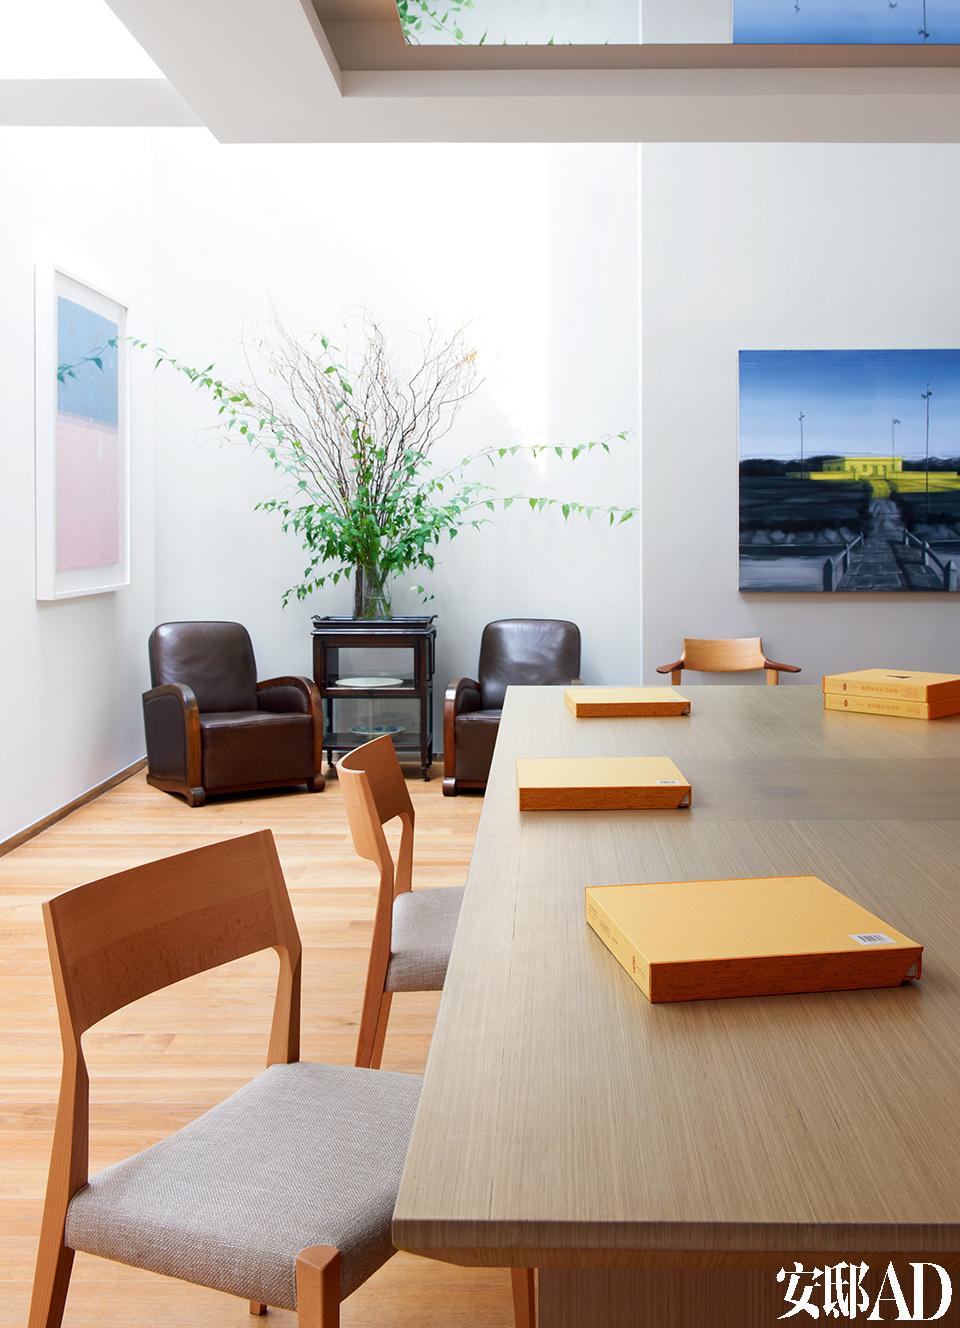 位于负一层的餐厅中,左侧墙上的淡粉、淡蓝色画作是艺术家谭平的版画作品,沙发和佐餐车是20世纪30年代上海AreDeco风格的古董家具,购自上海。正面墙上的油画来自艺术家张晓刚,主餐桌为定制品,餐椅是日本设计师的作品。